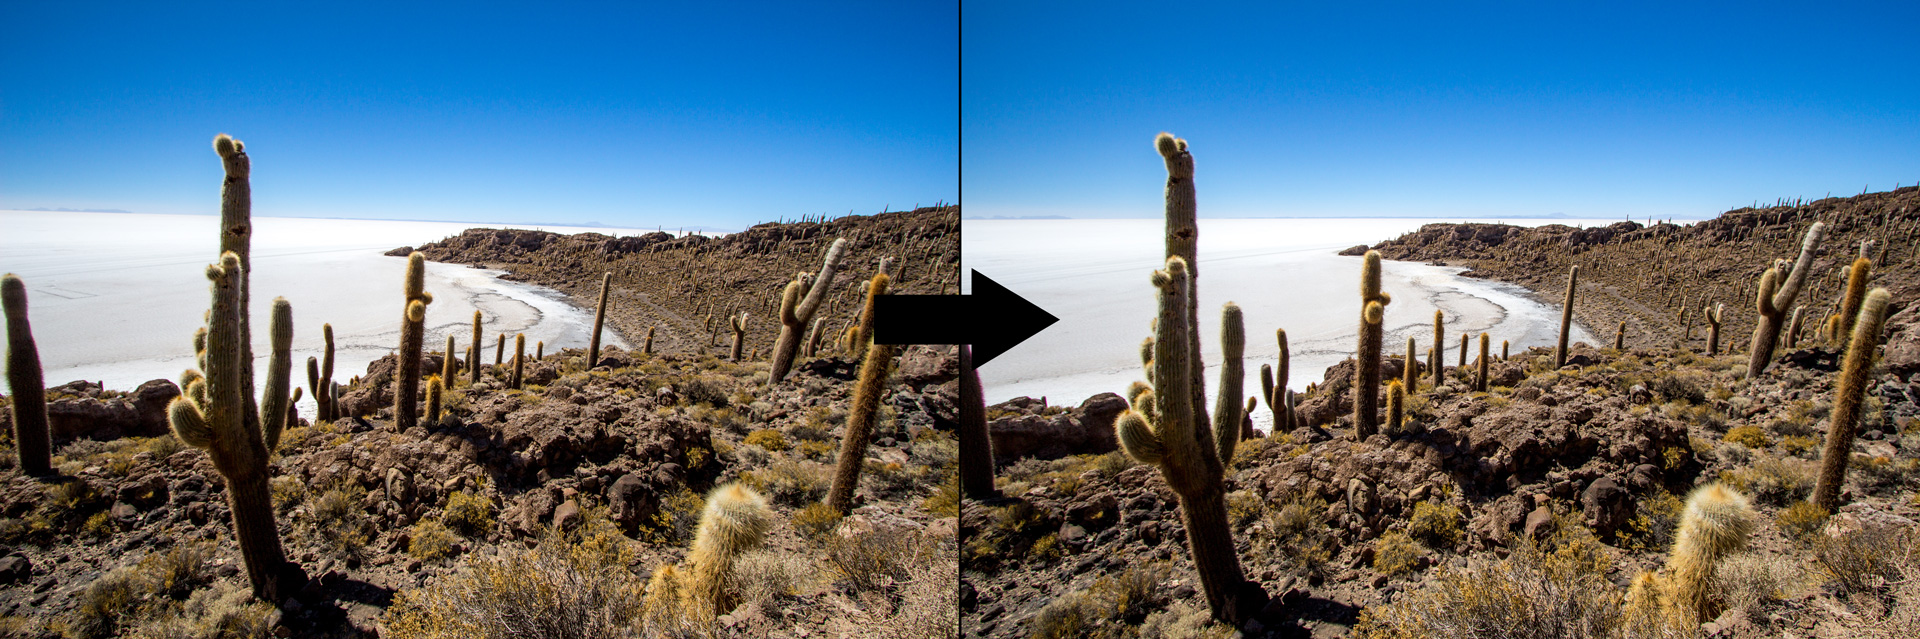 Bei diesem Foto vom Salar de Uyuni in Bolivien habe ich den Horizont korrigiert